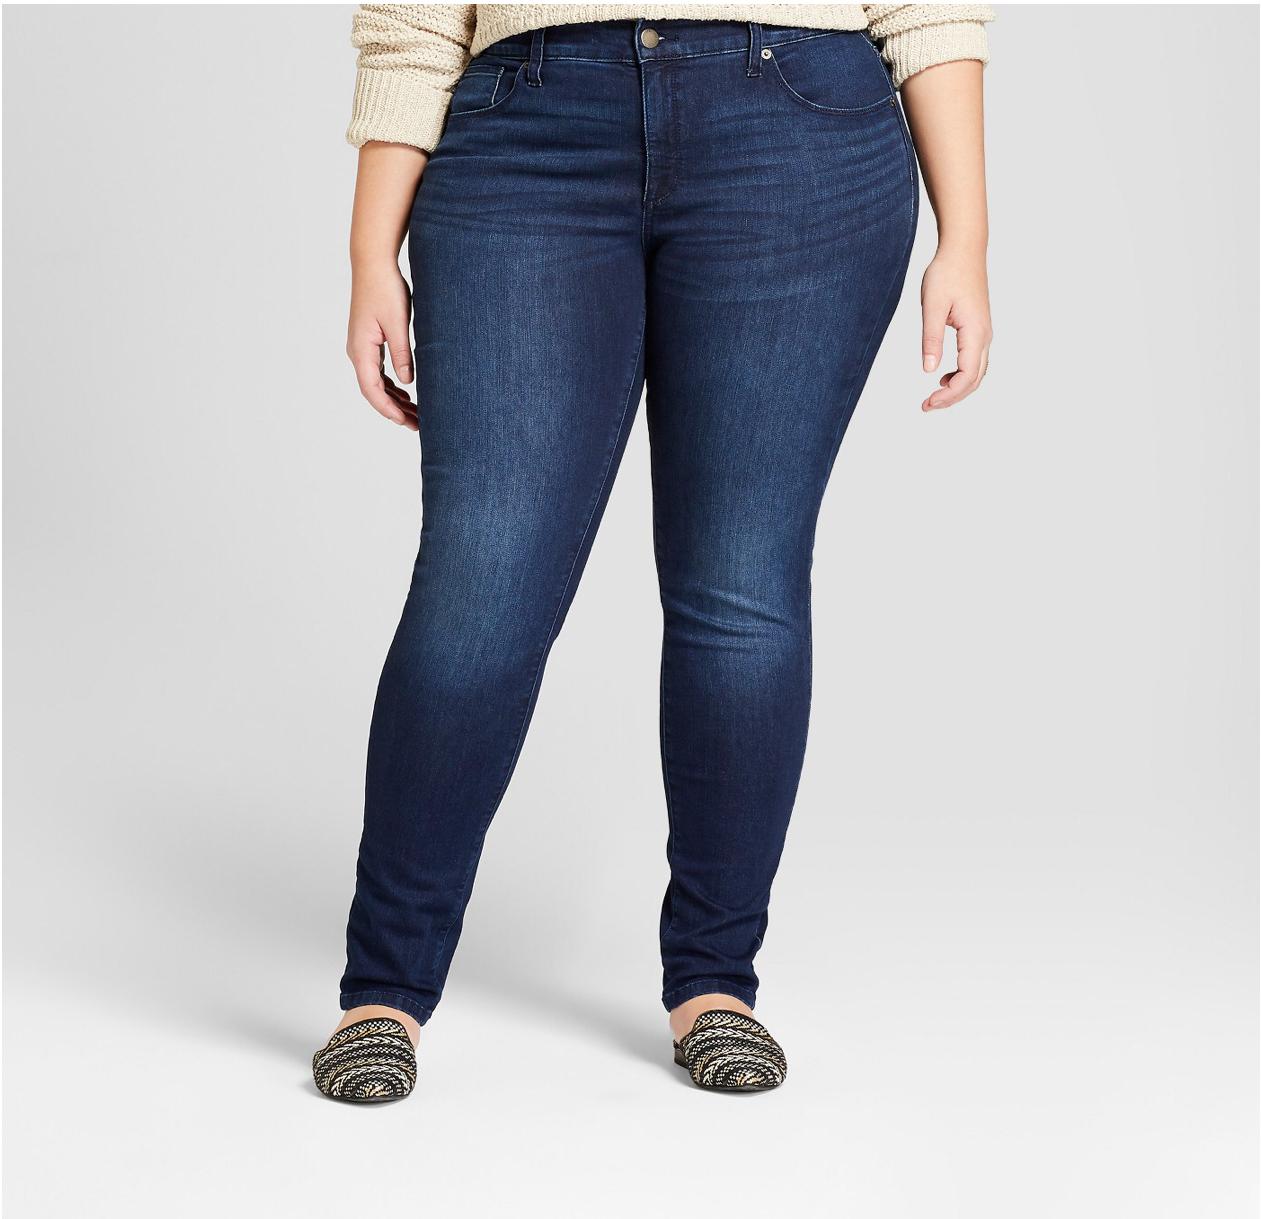 A woman is wearing blue skinny jeans